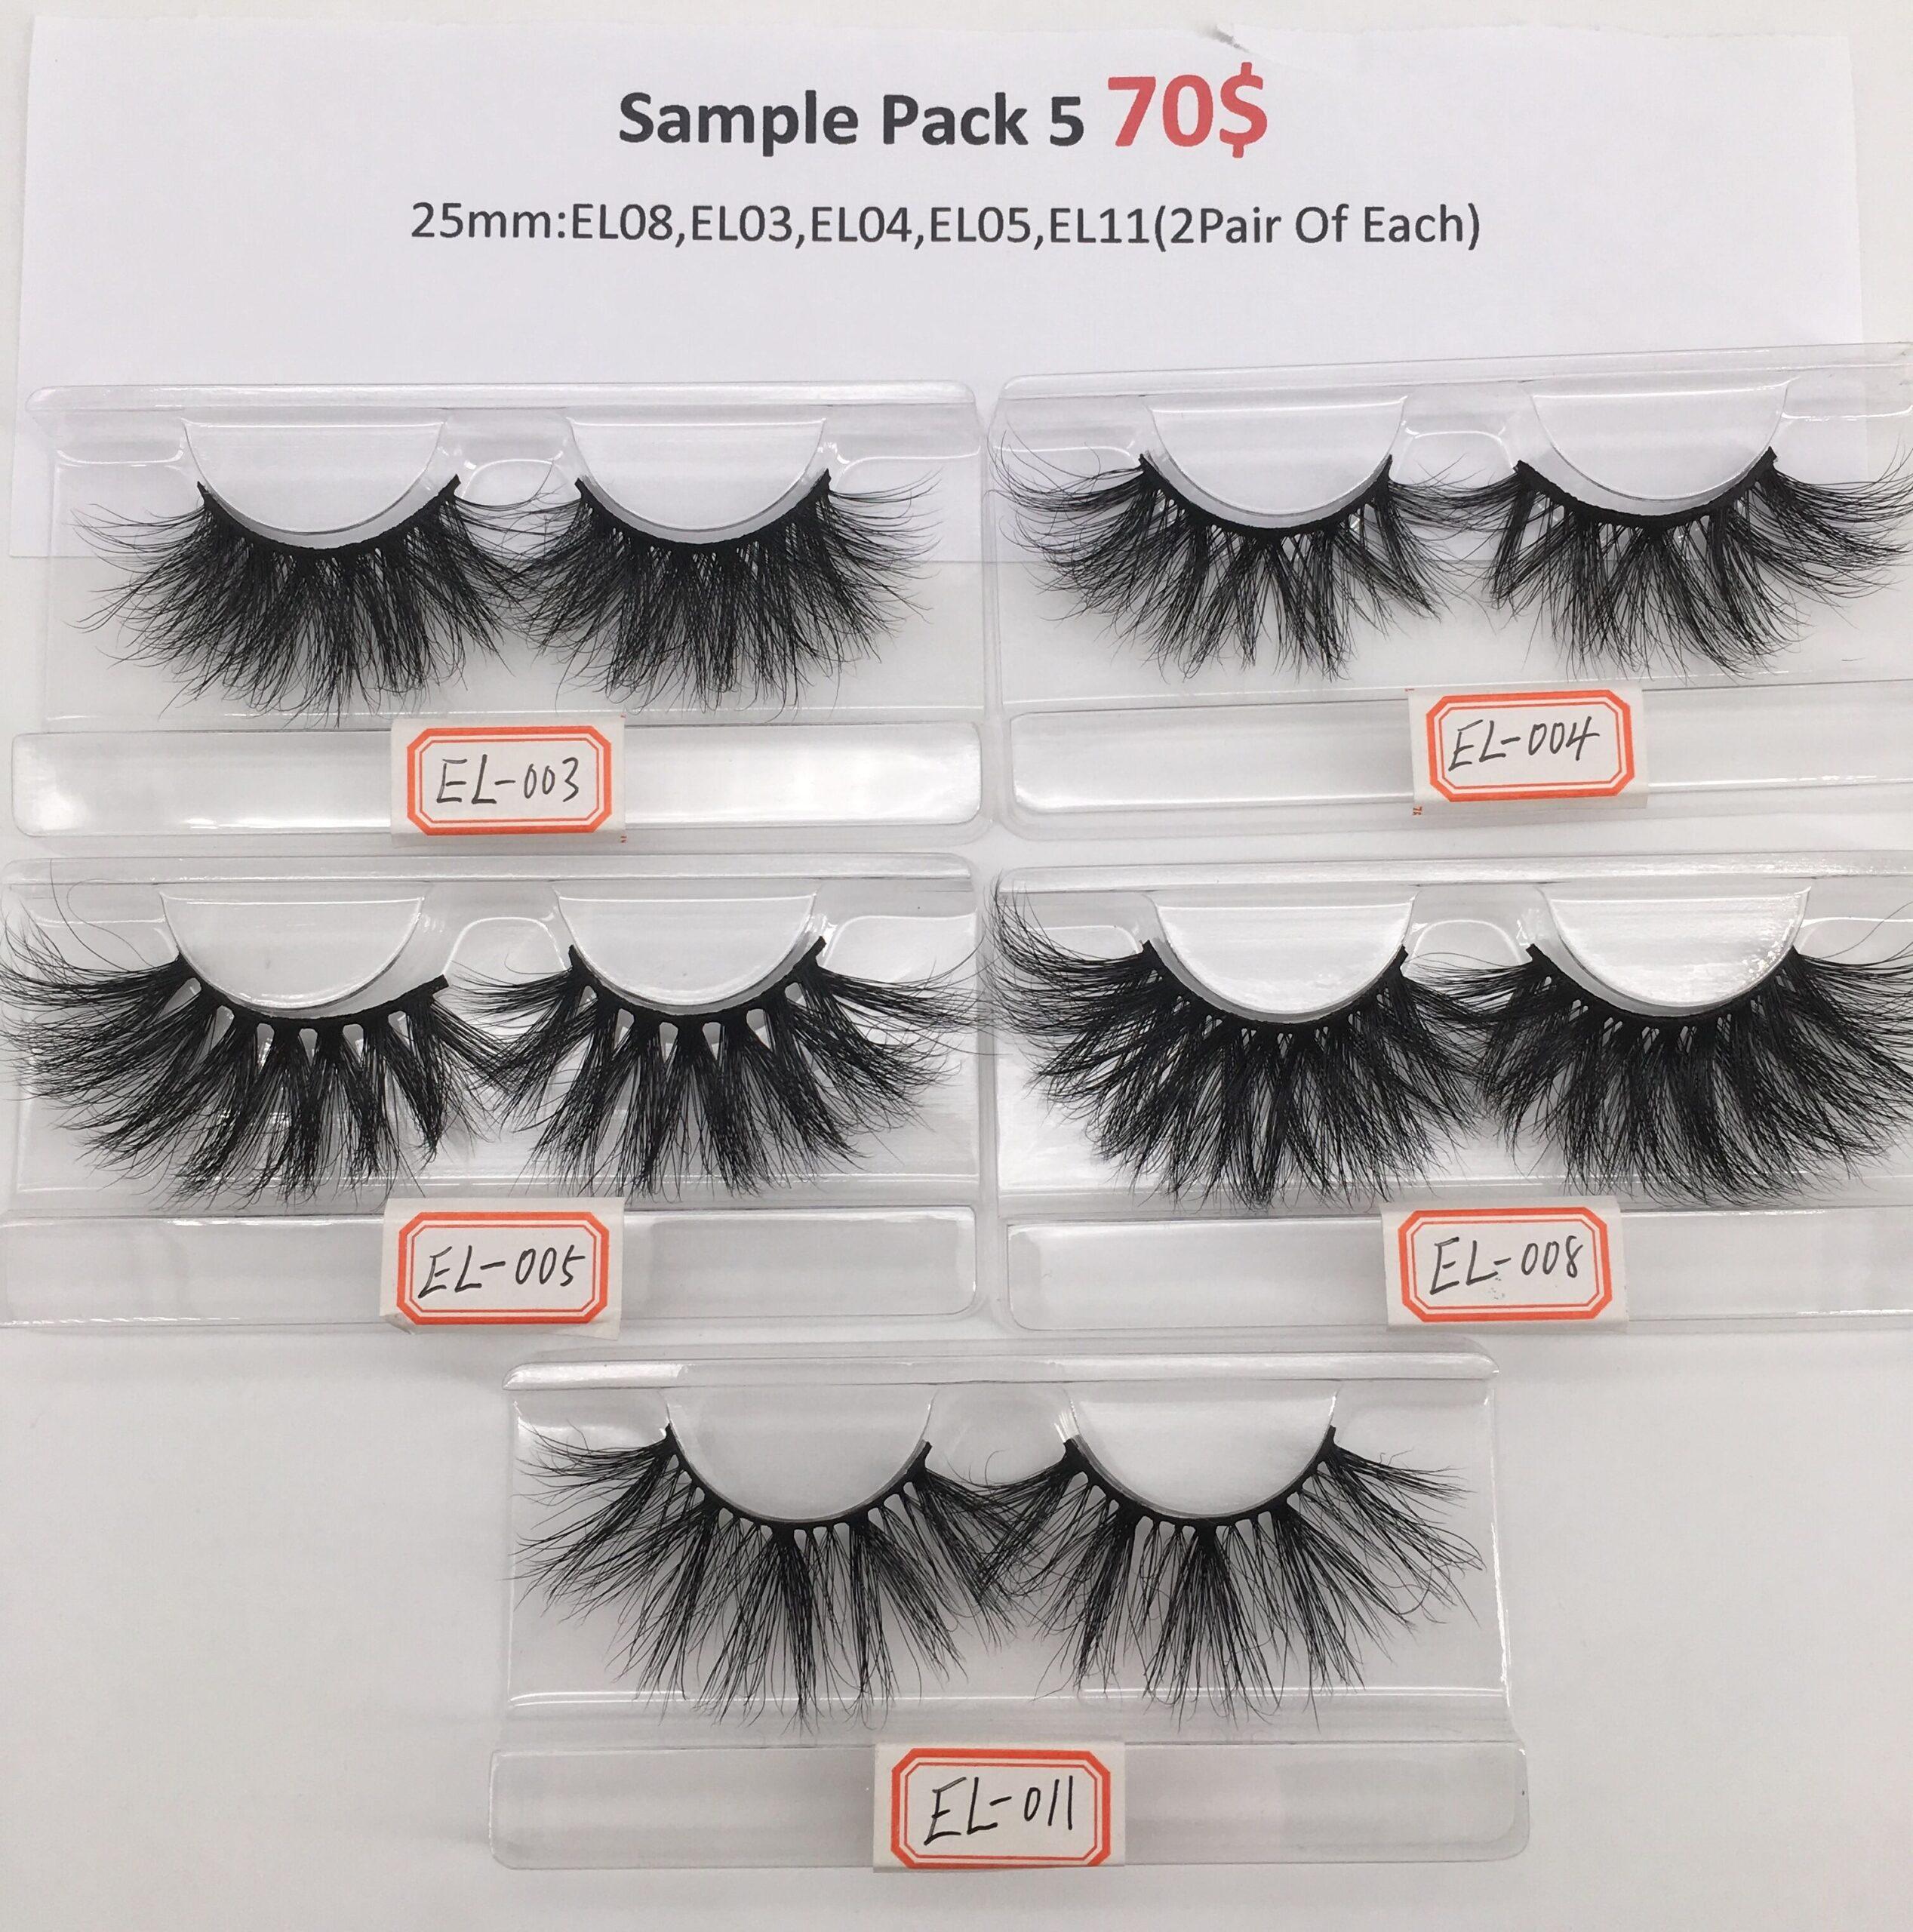 eyelash sample pack 5